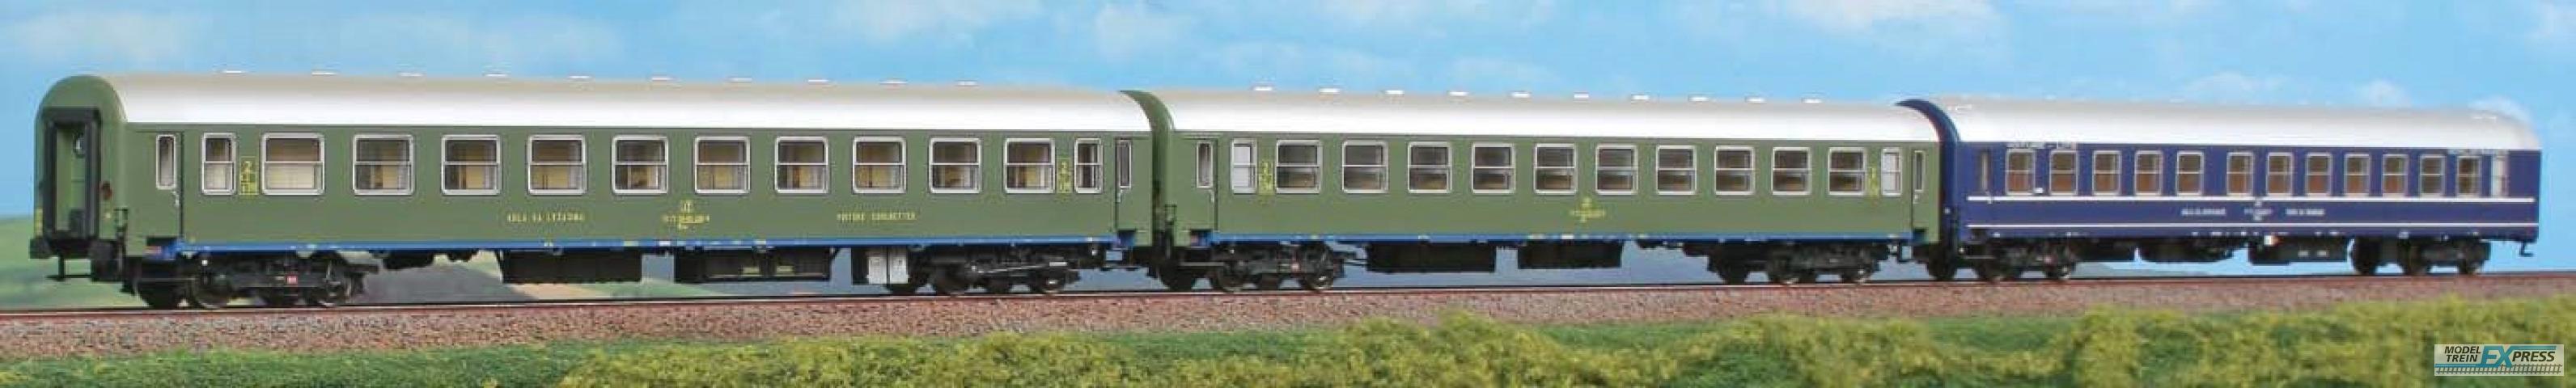 ACME 55237